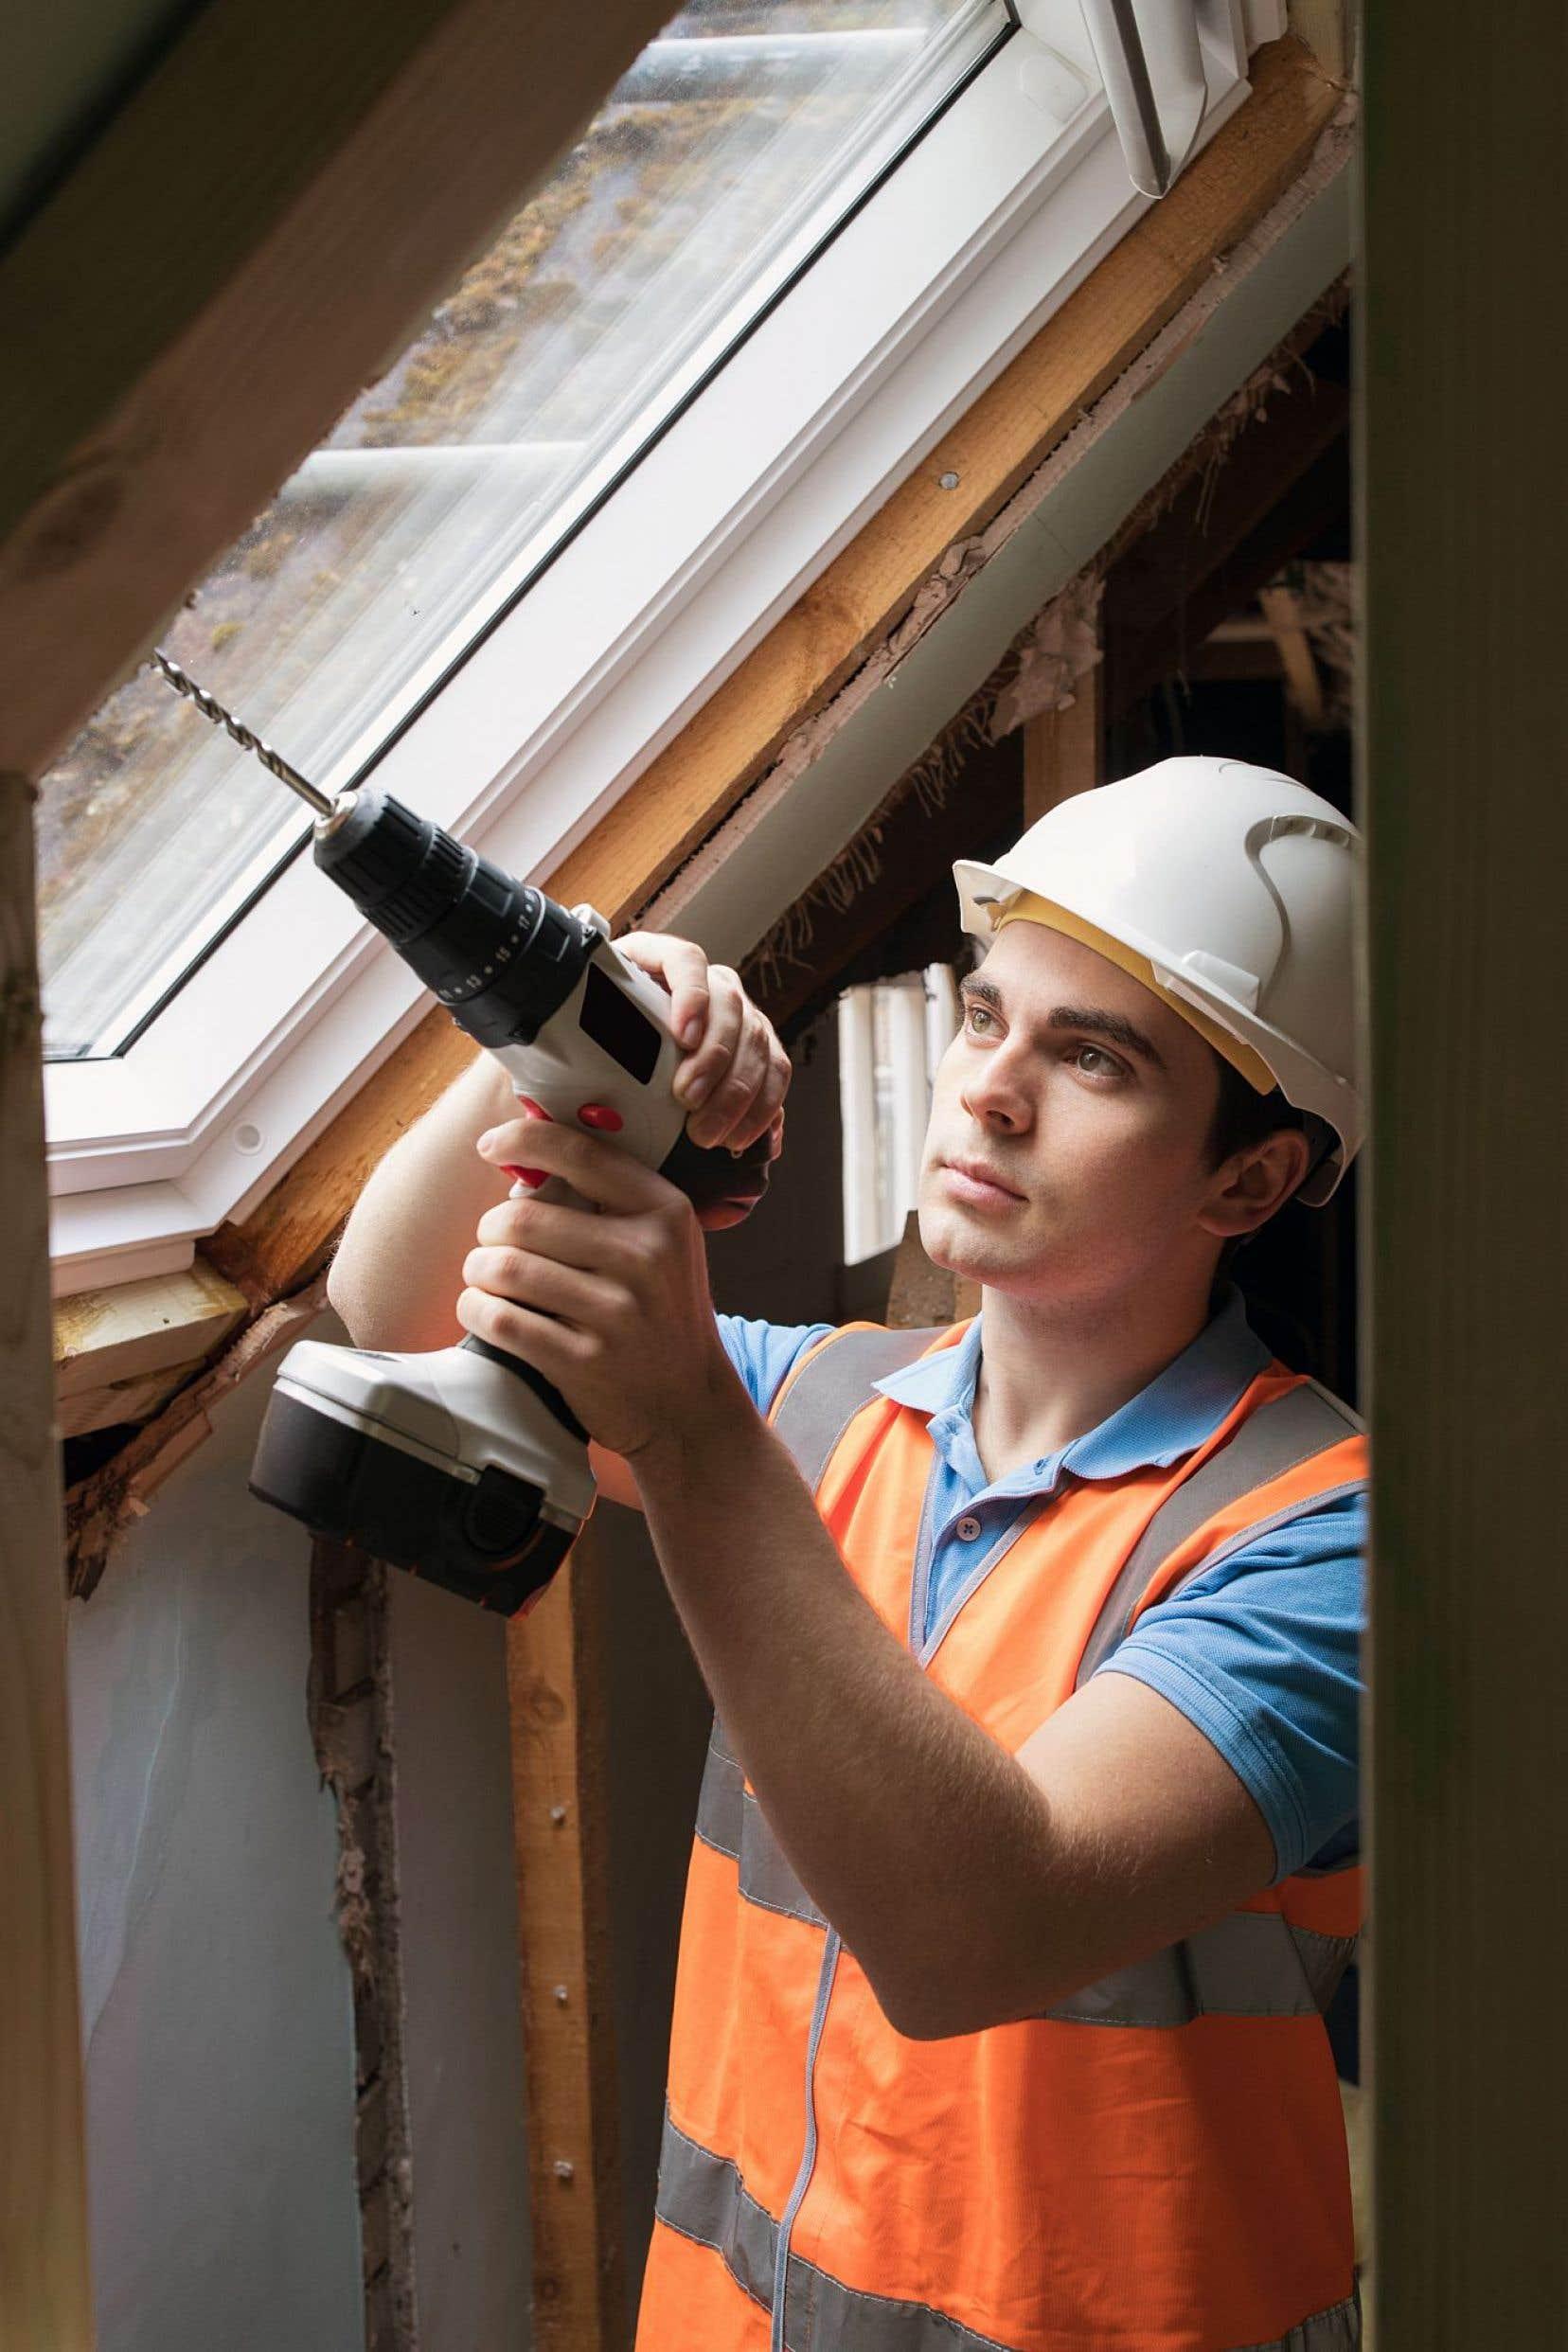 Le crédit d'impôt RénoVert a entraîné un boom dans l'industrie de la fenêtre au Québec.